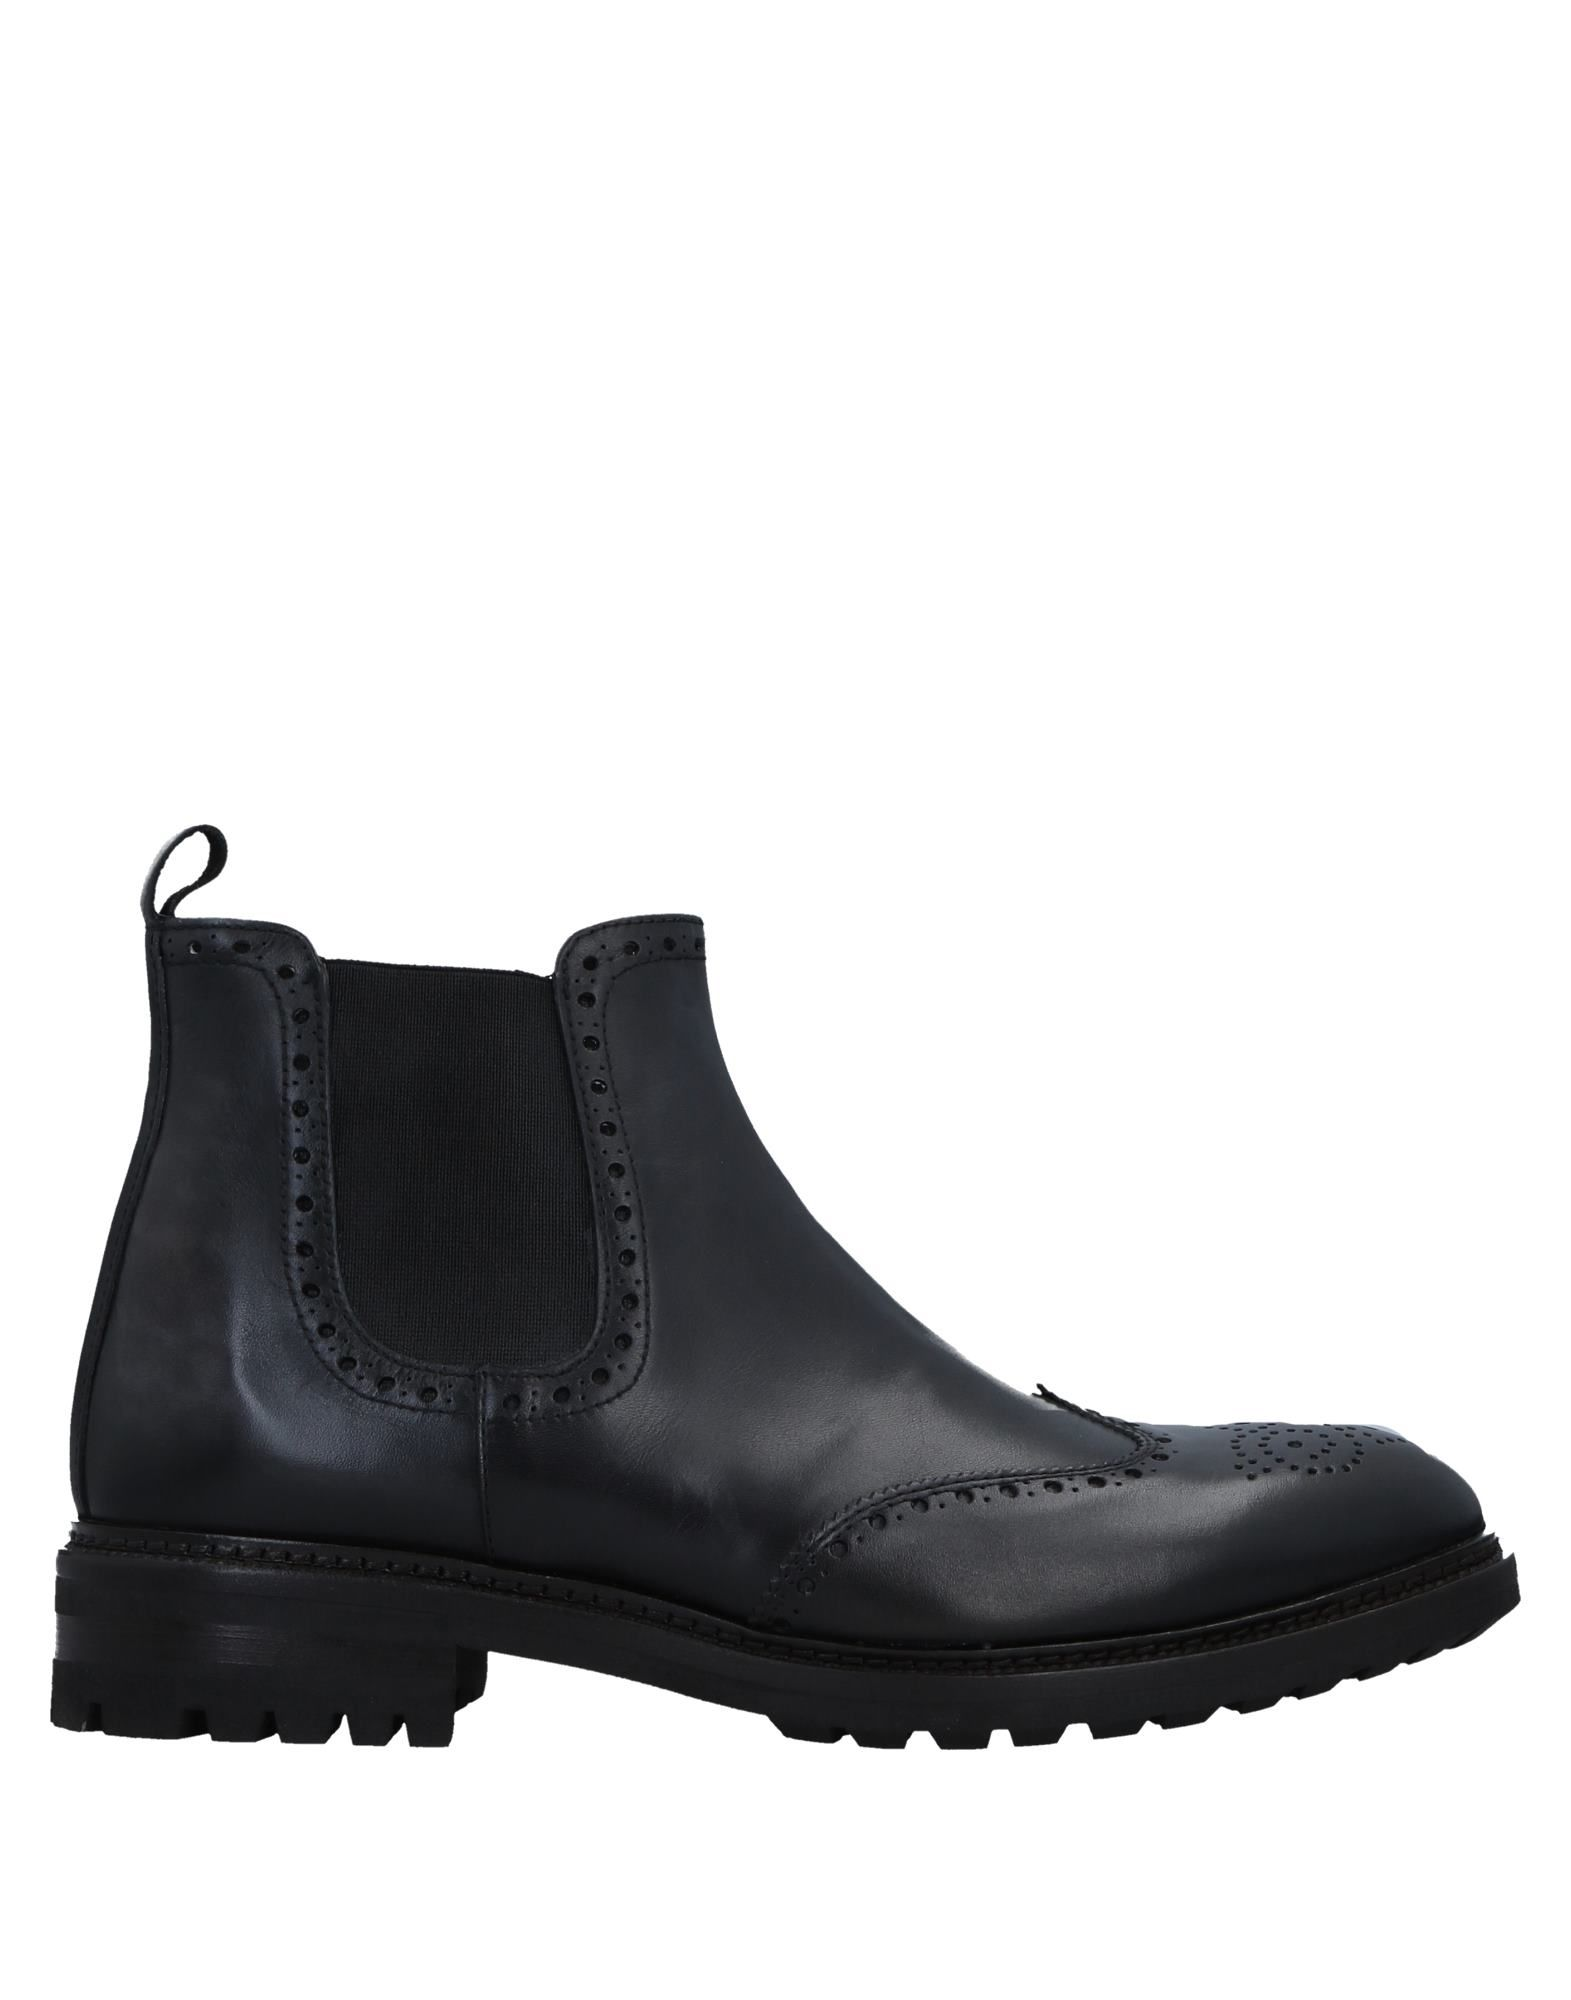 Rabatt echte Schuhe Amalfi Stiefelette Herren  11534125RB